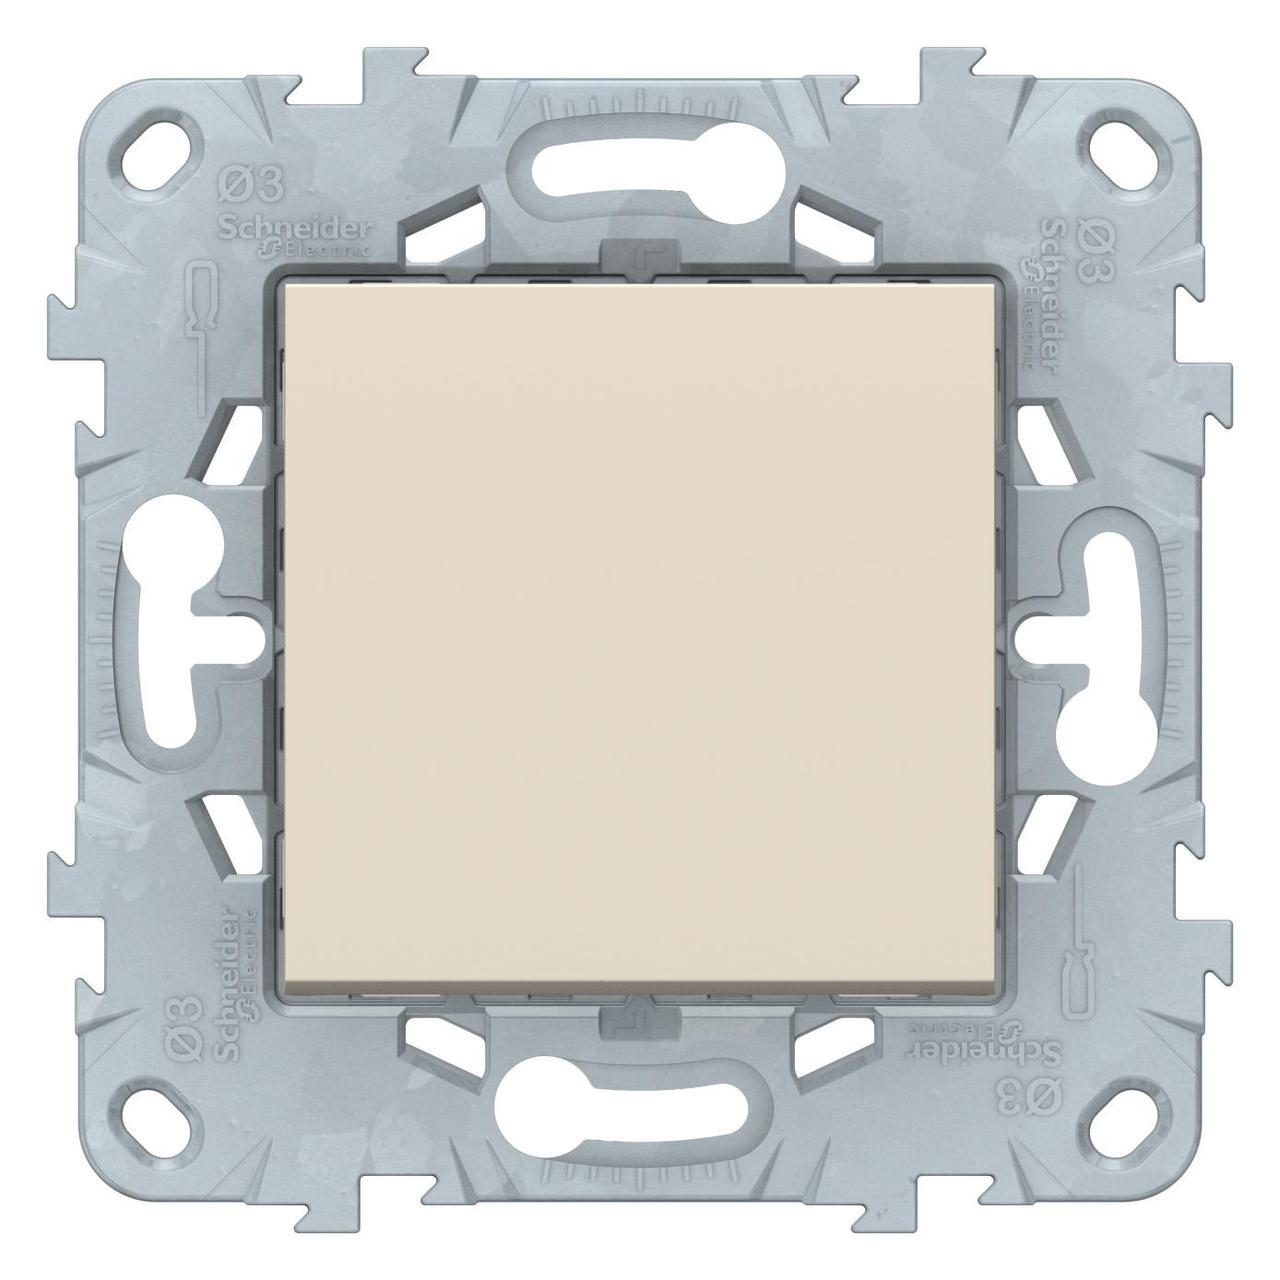 Выключатель 1-клавишный ,проходной (с двух мест) , Бежевый, серия Unica New, Schneider Electric